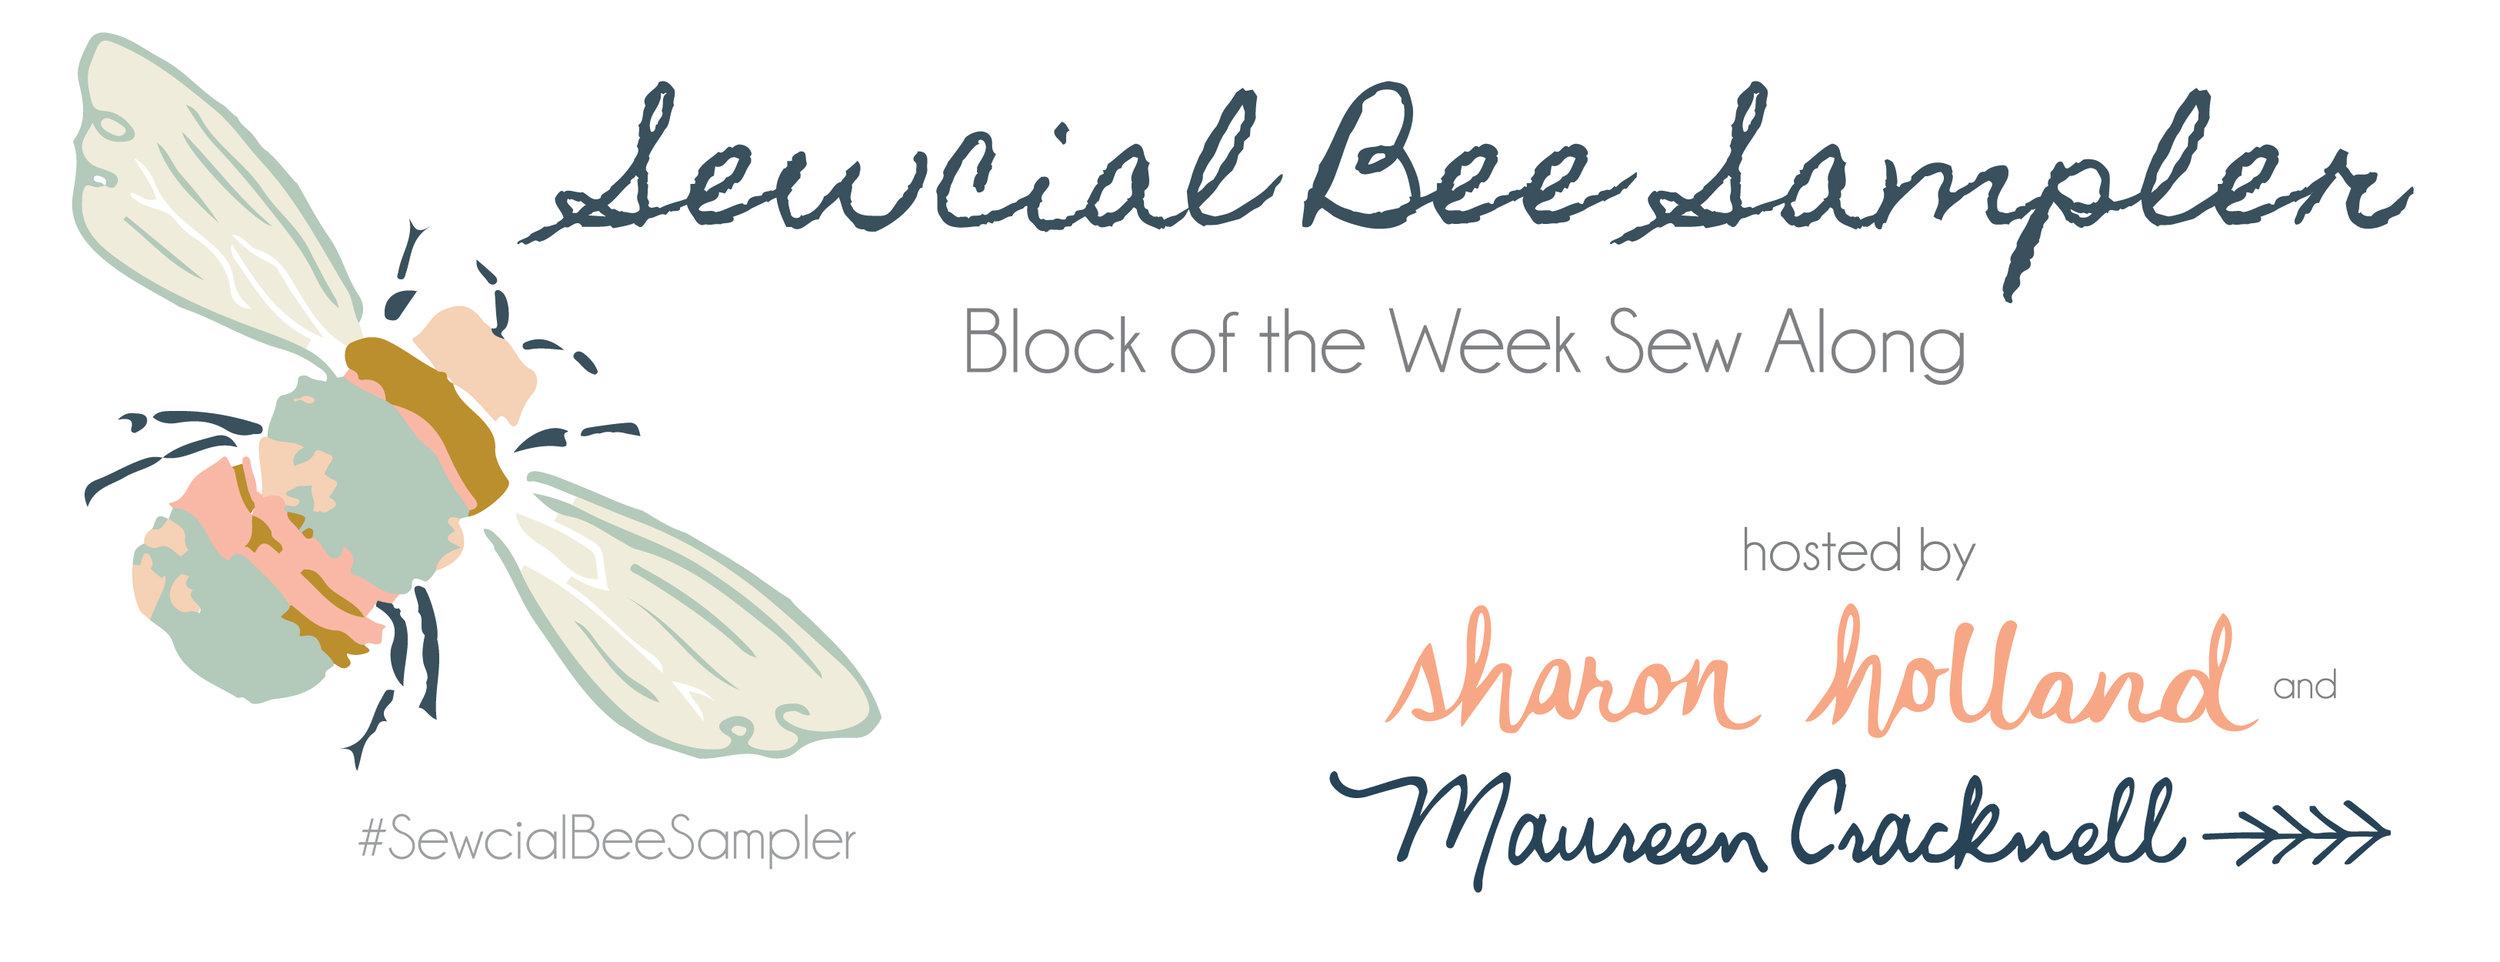 Sewcial Bee Sampler large white banner-01.jpg